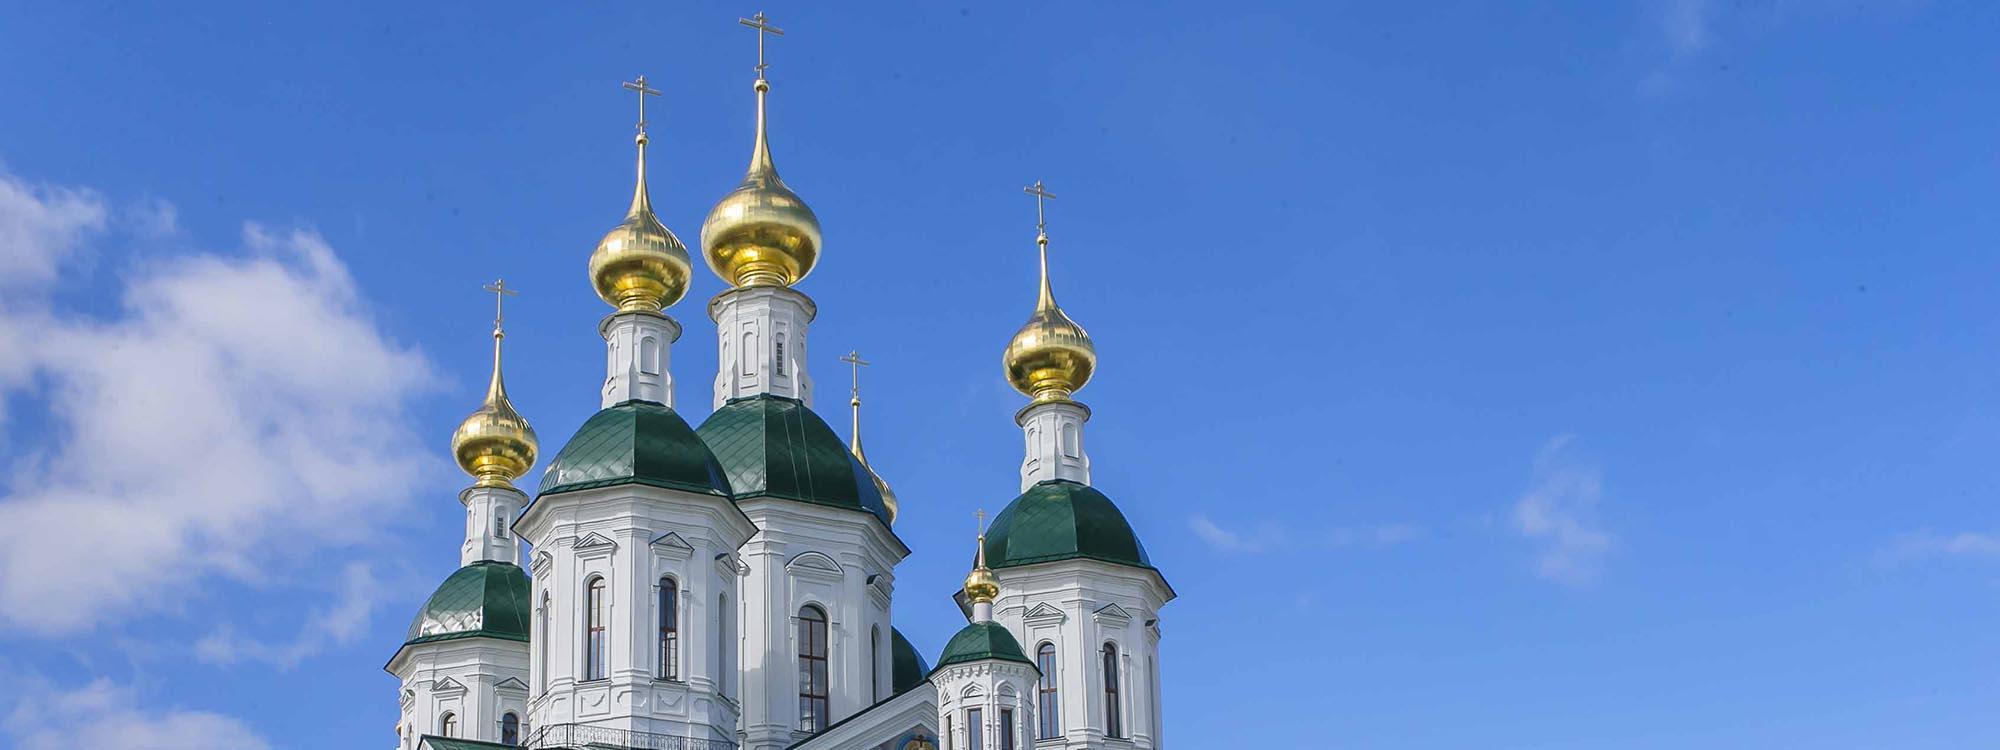 Свято-Успенский мужской монастырь - Саровская пустынь